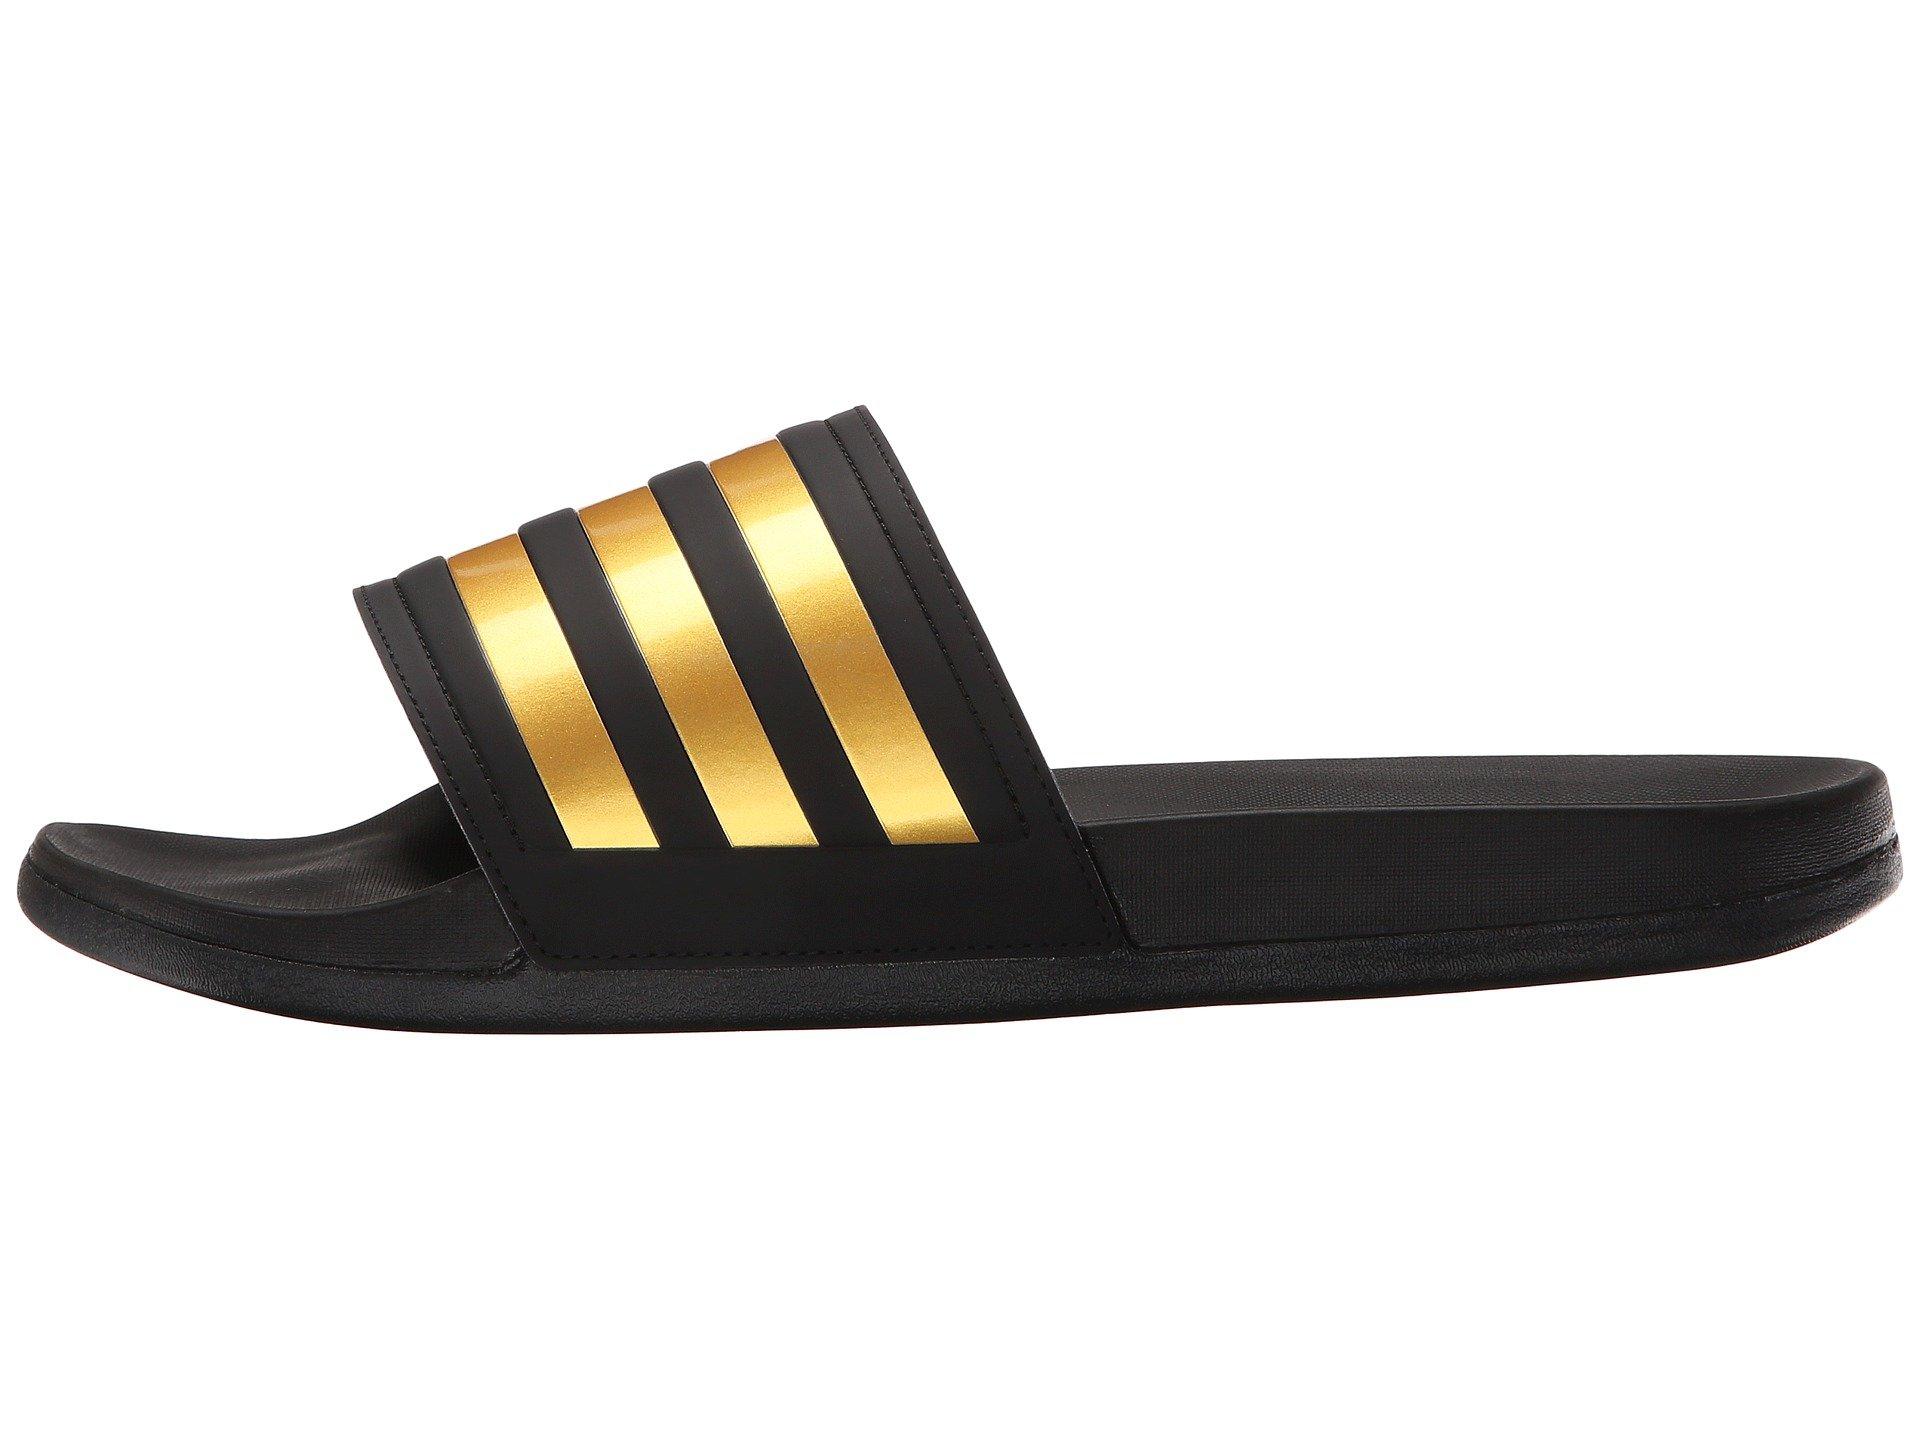 bd6545e8d71c Lyst - adidas Originals Adilette Gold M in Metallic for Men